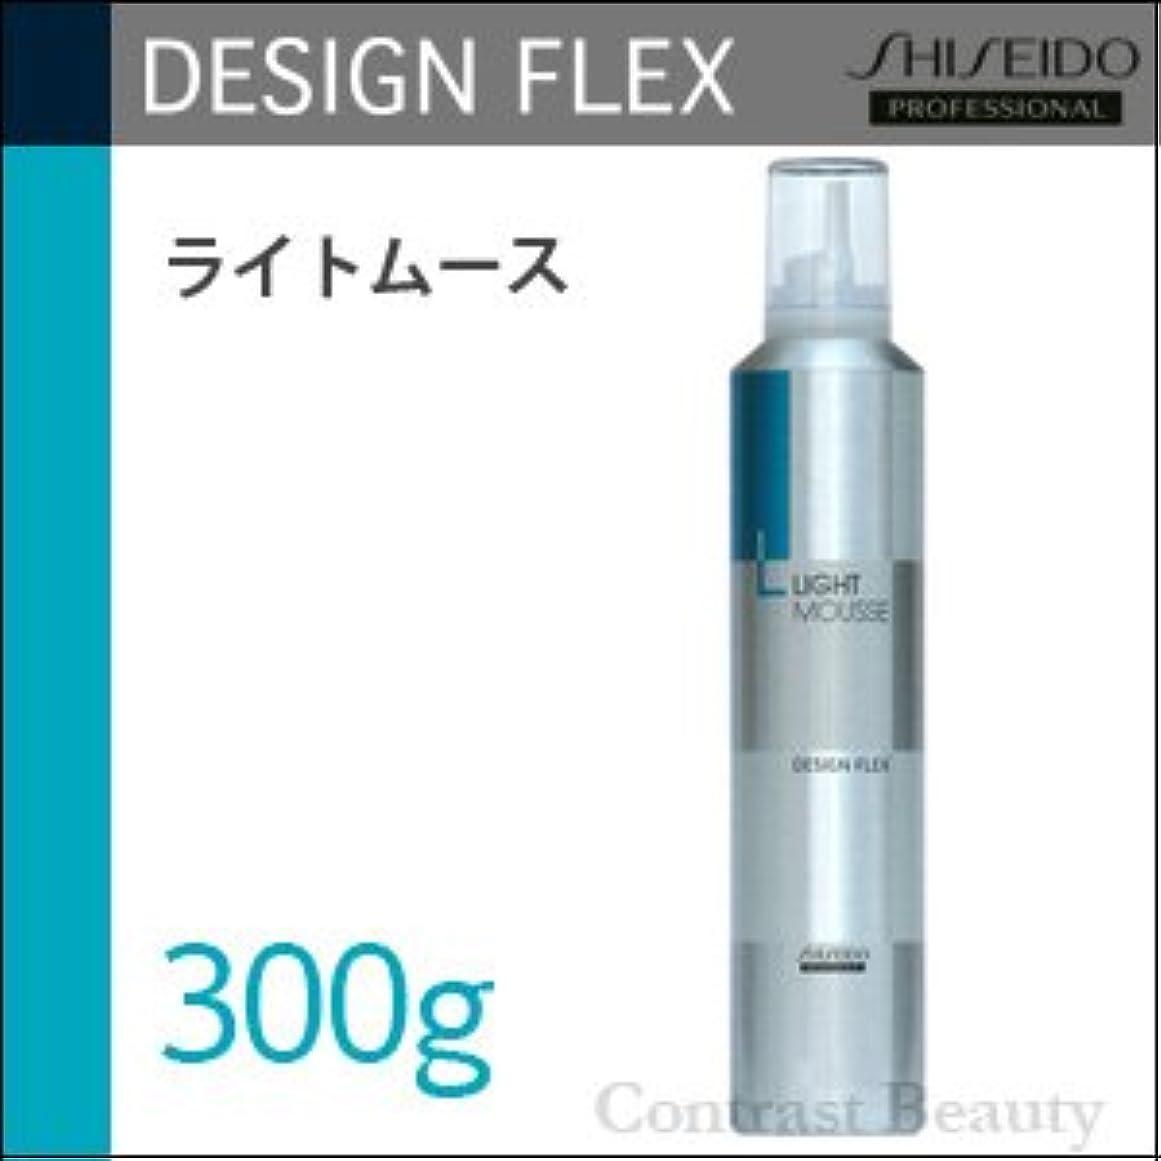 メルボルンけん引偽善者【x5個セット】 資生堂 デザインフレックス ライトムース 300g